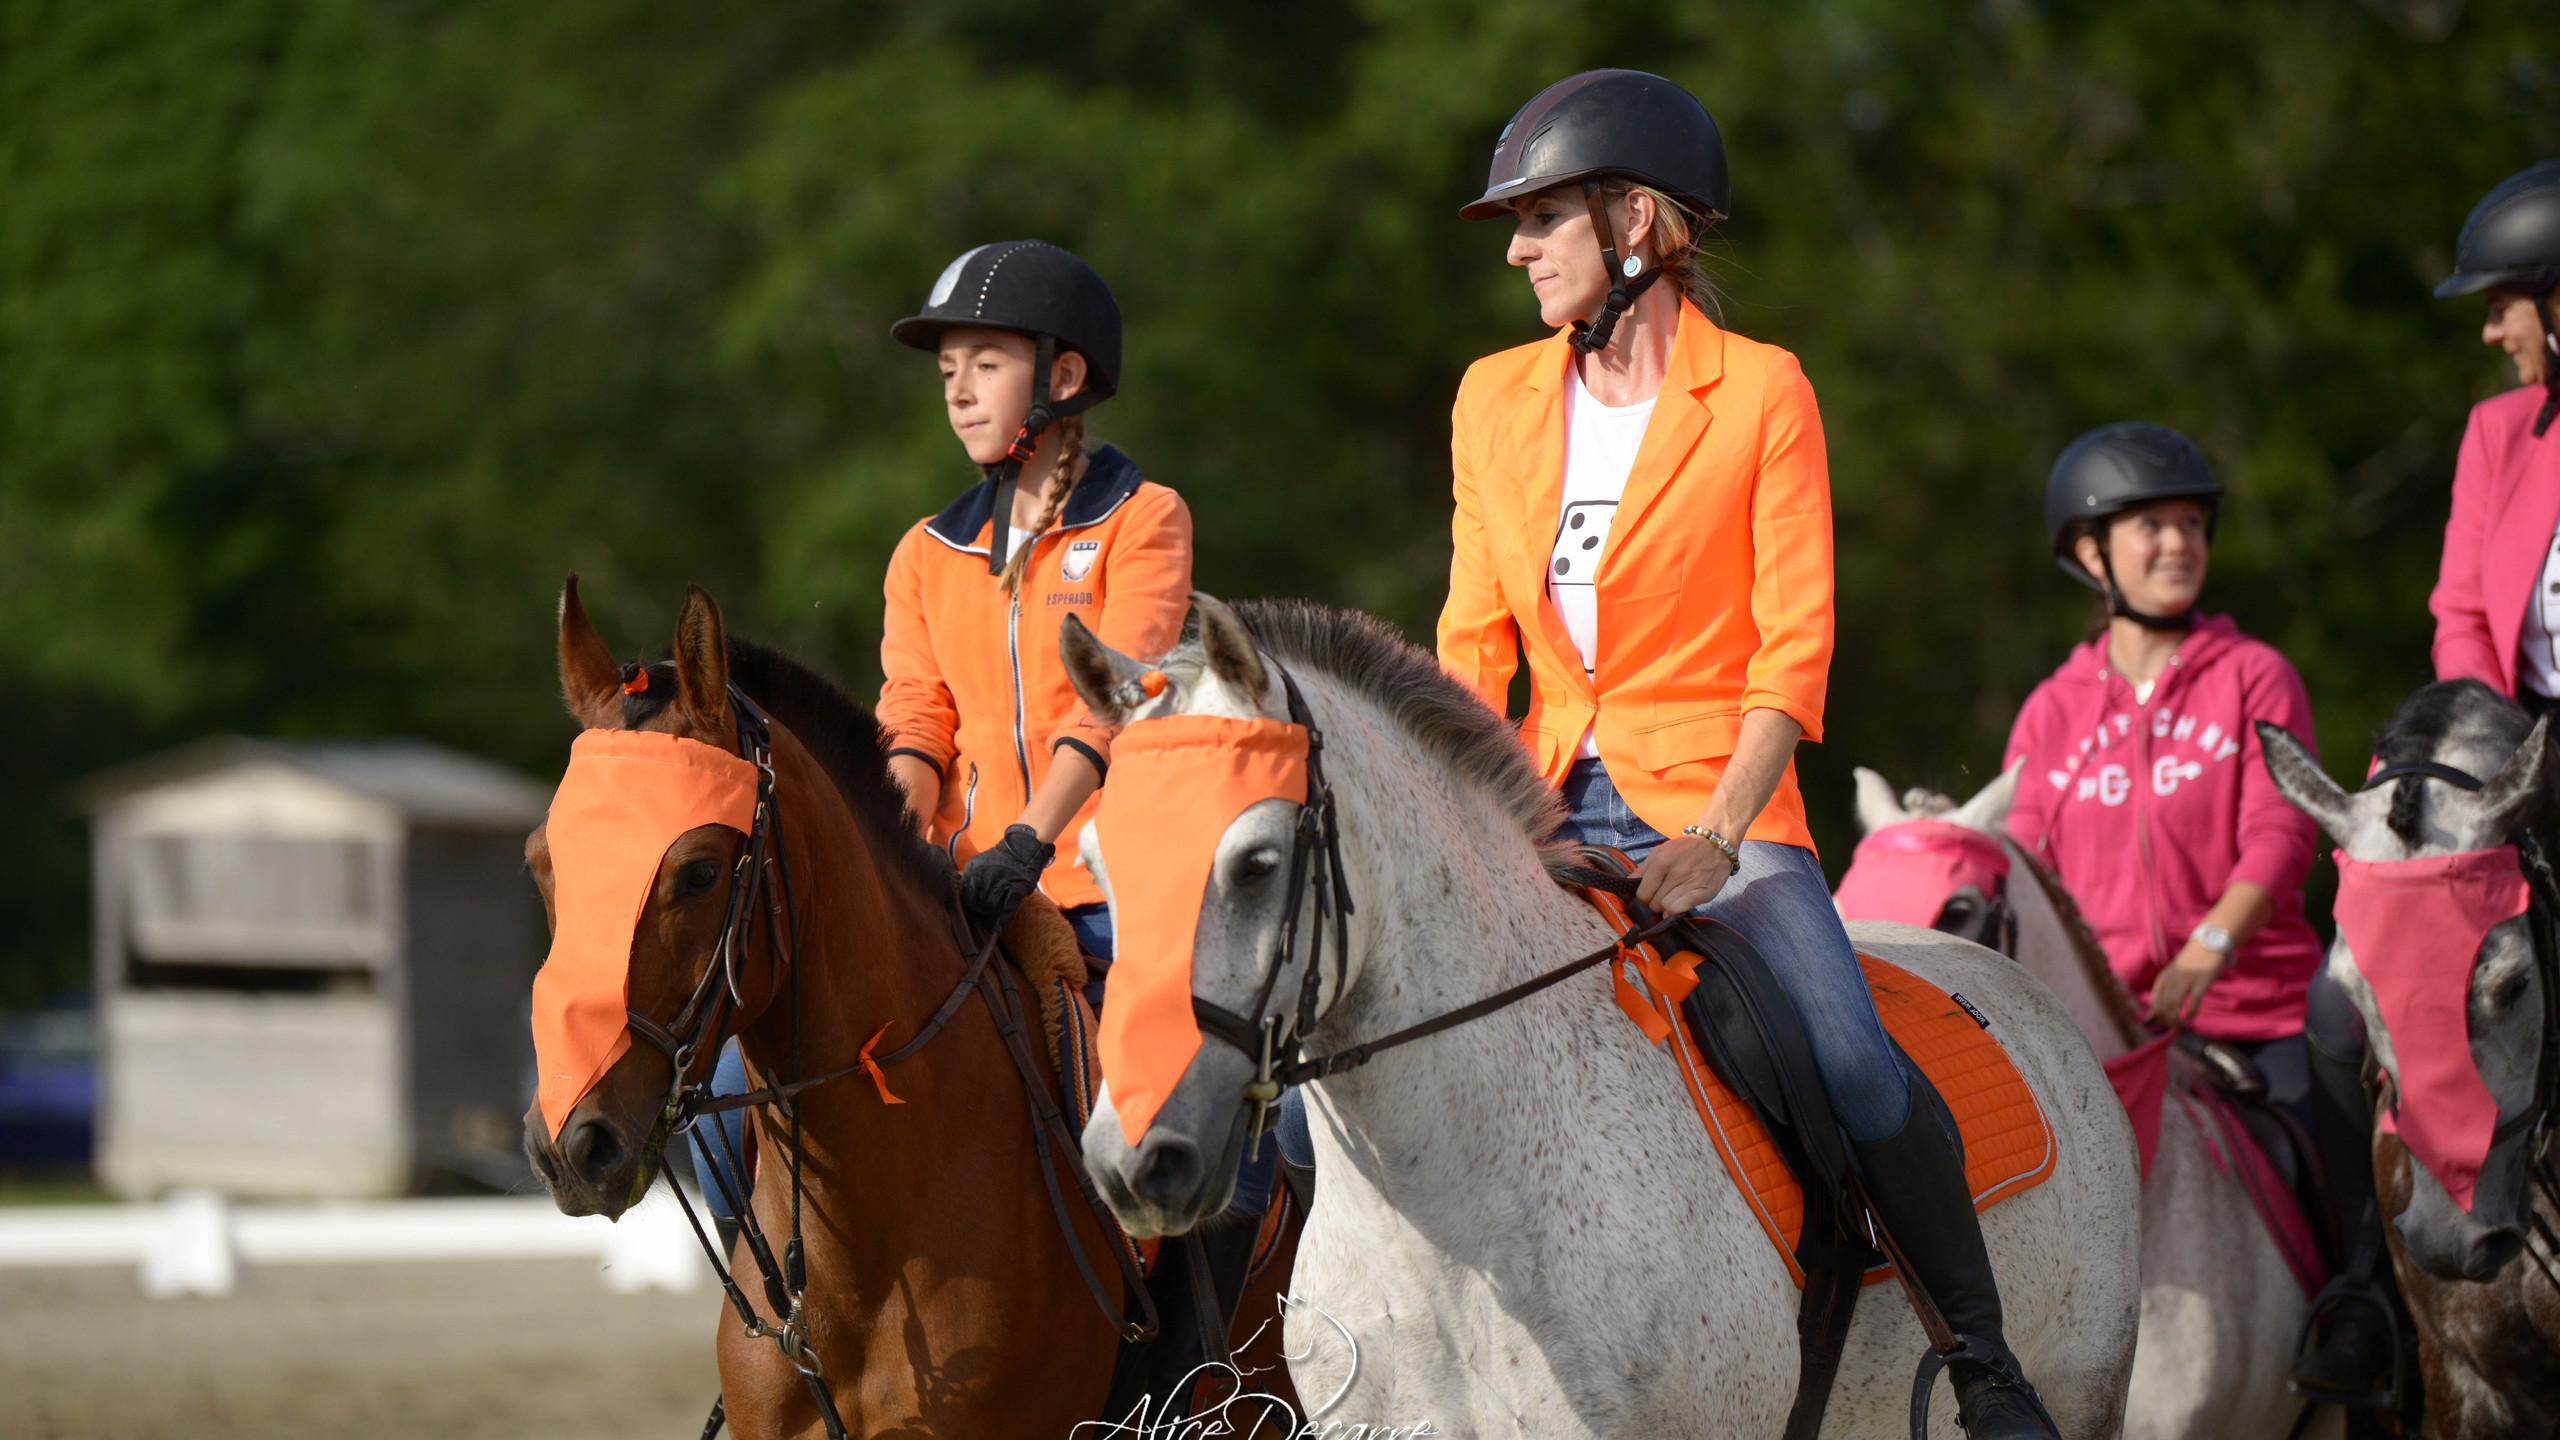 Les oranges, Sophie et Lucy